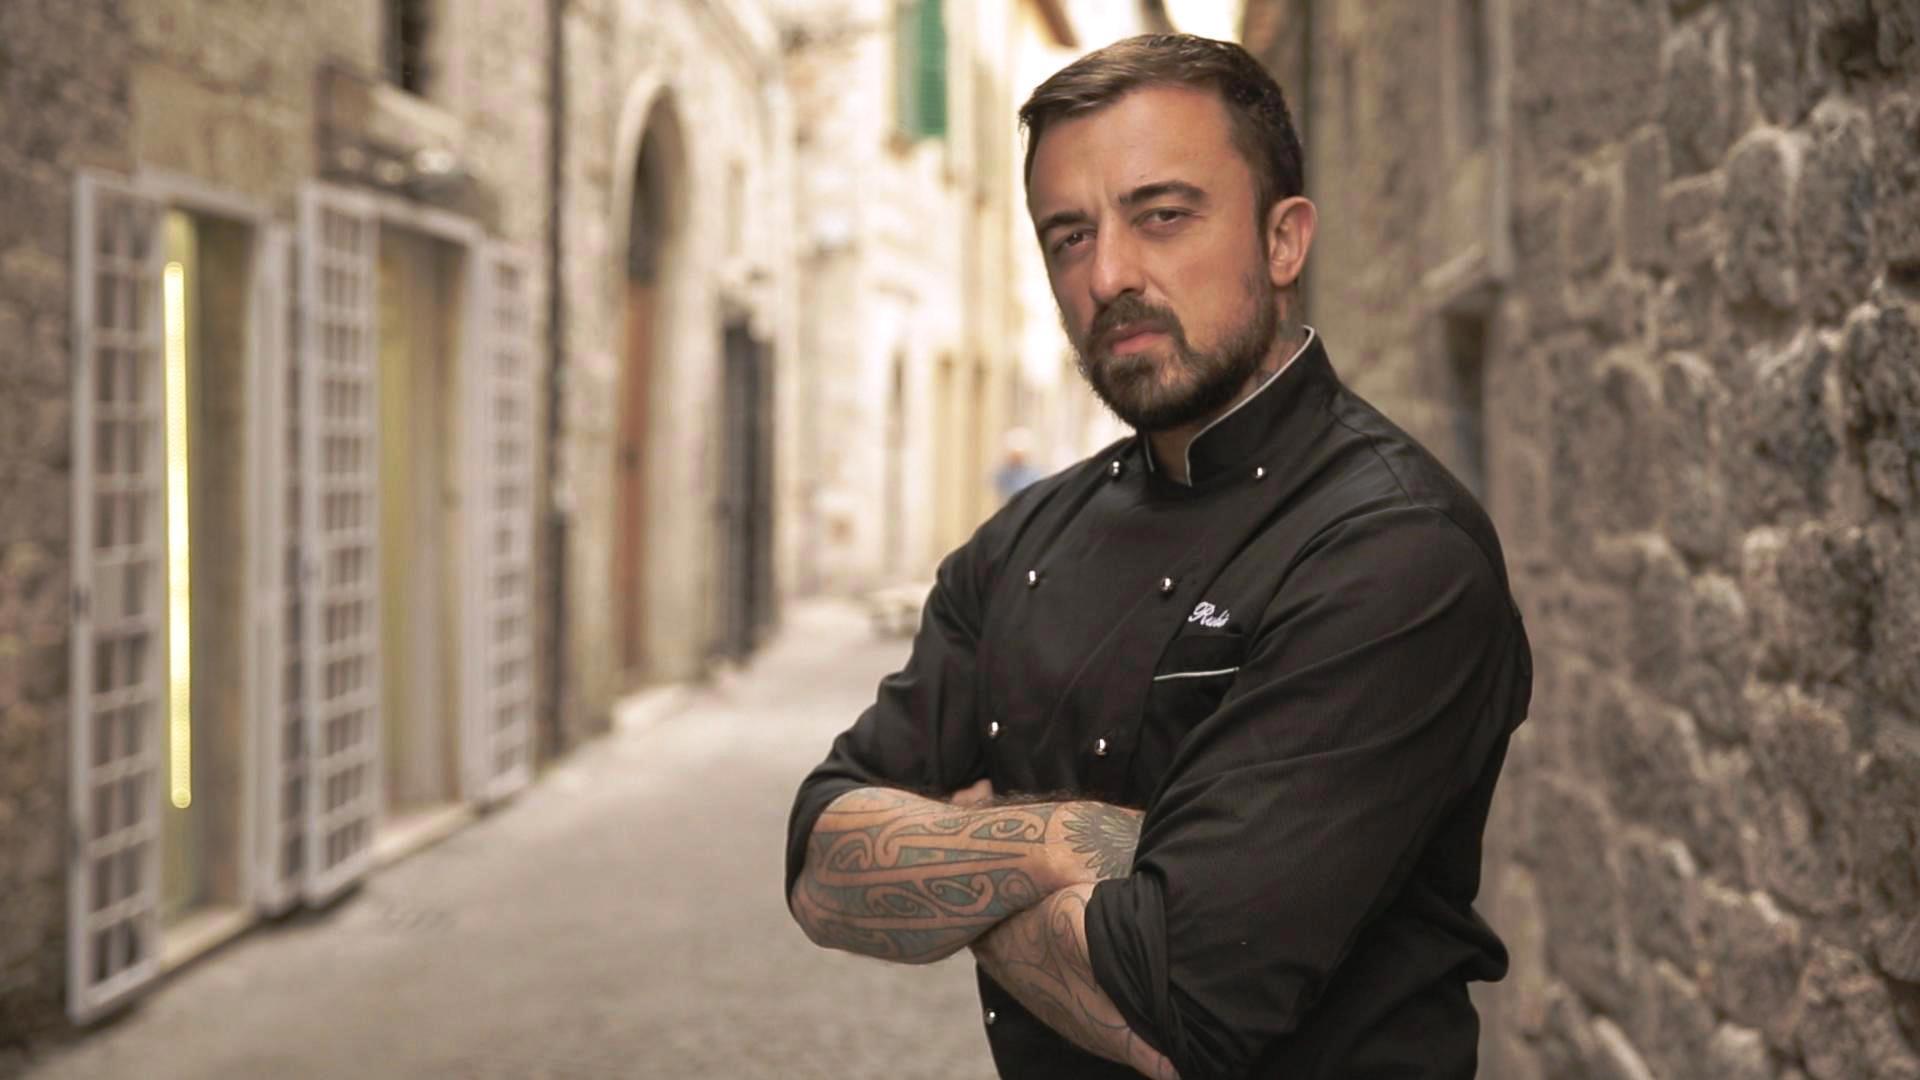 Chef Rubio - the Mag n19